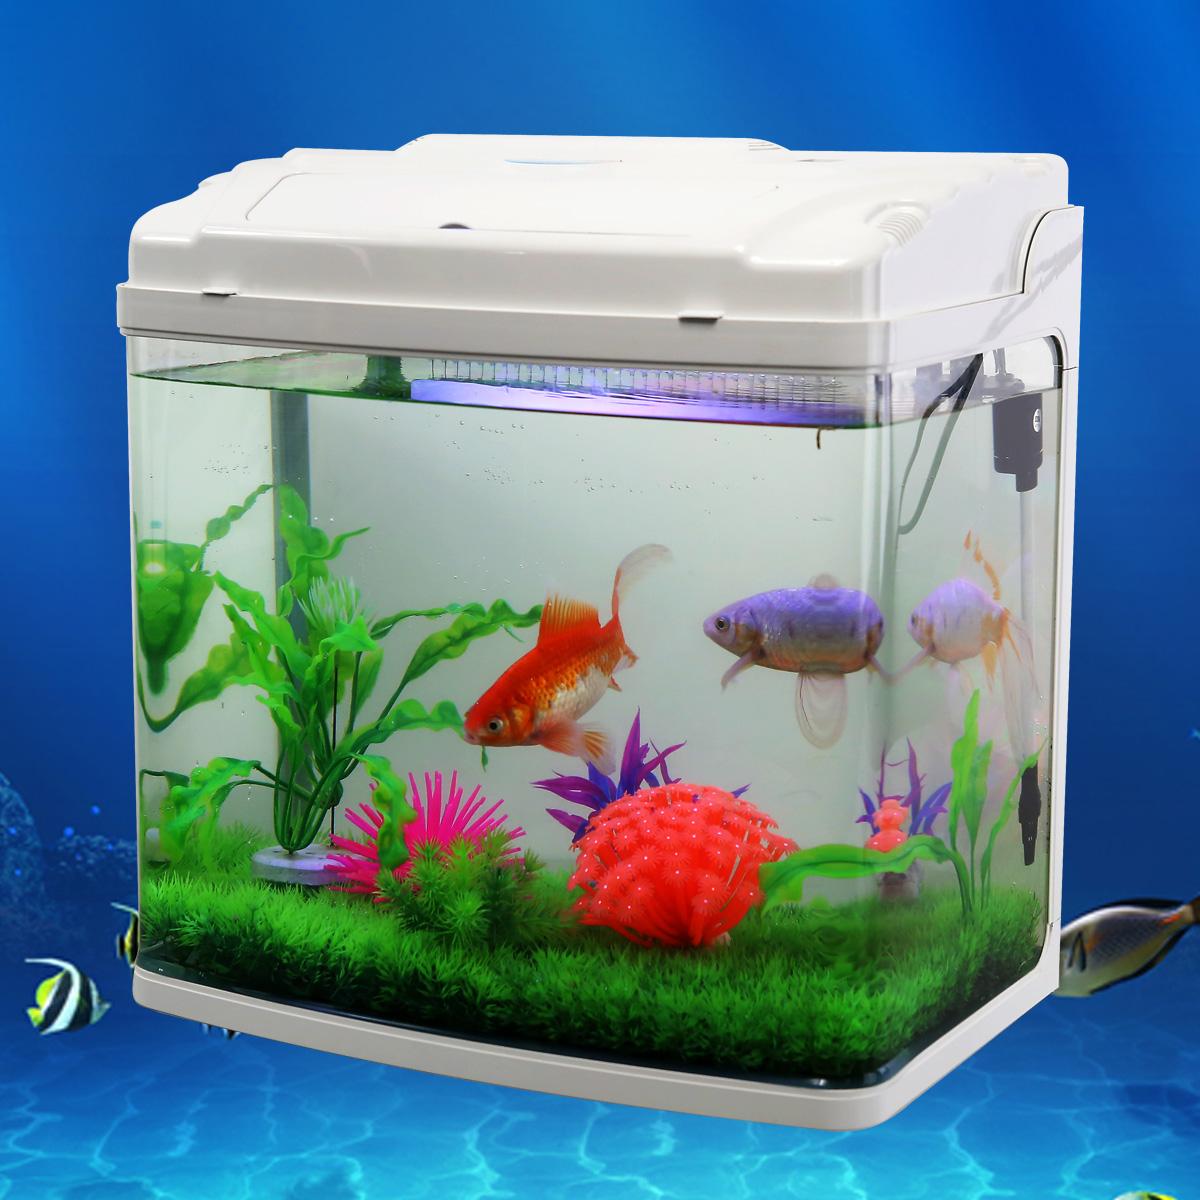 聚宝源鱼缸水族箱 中型生态金鱼缸高清浮法玻璃鱼